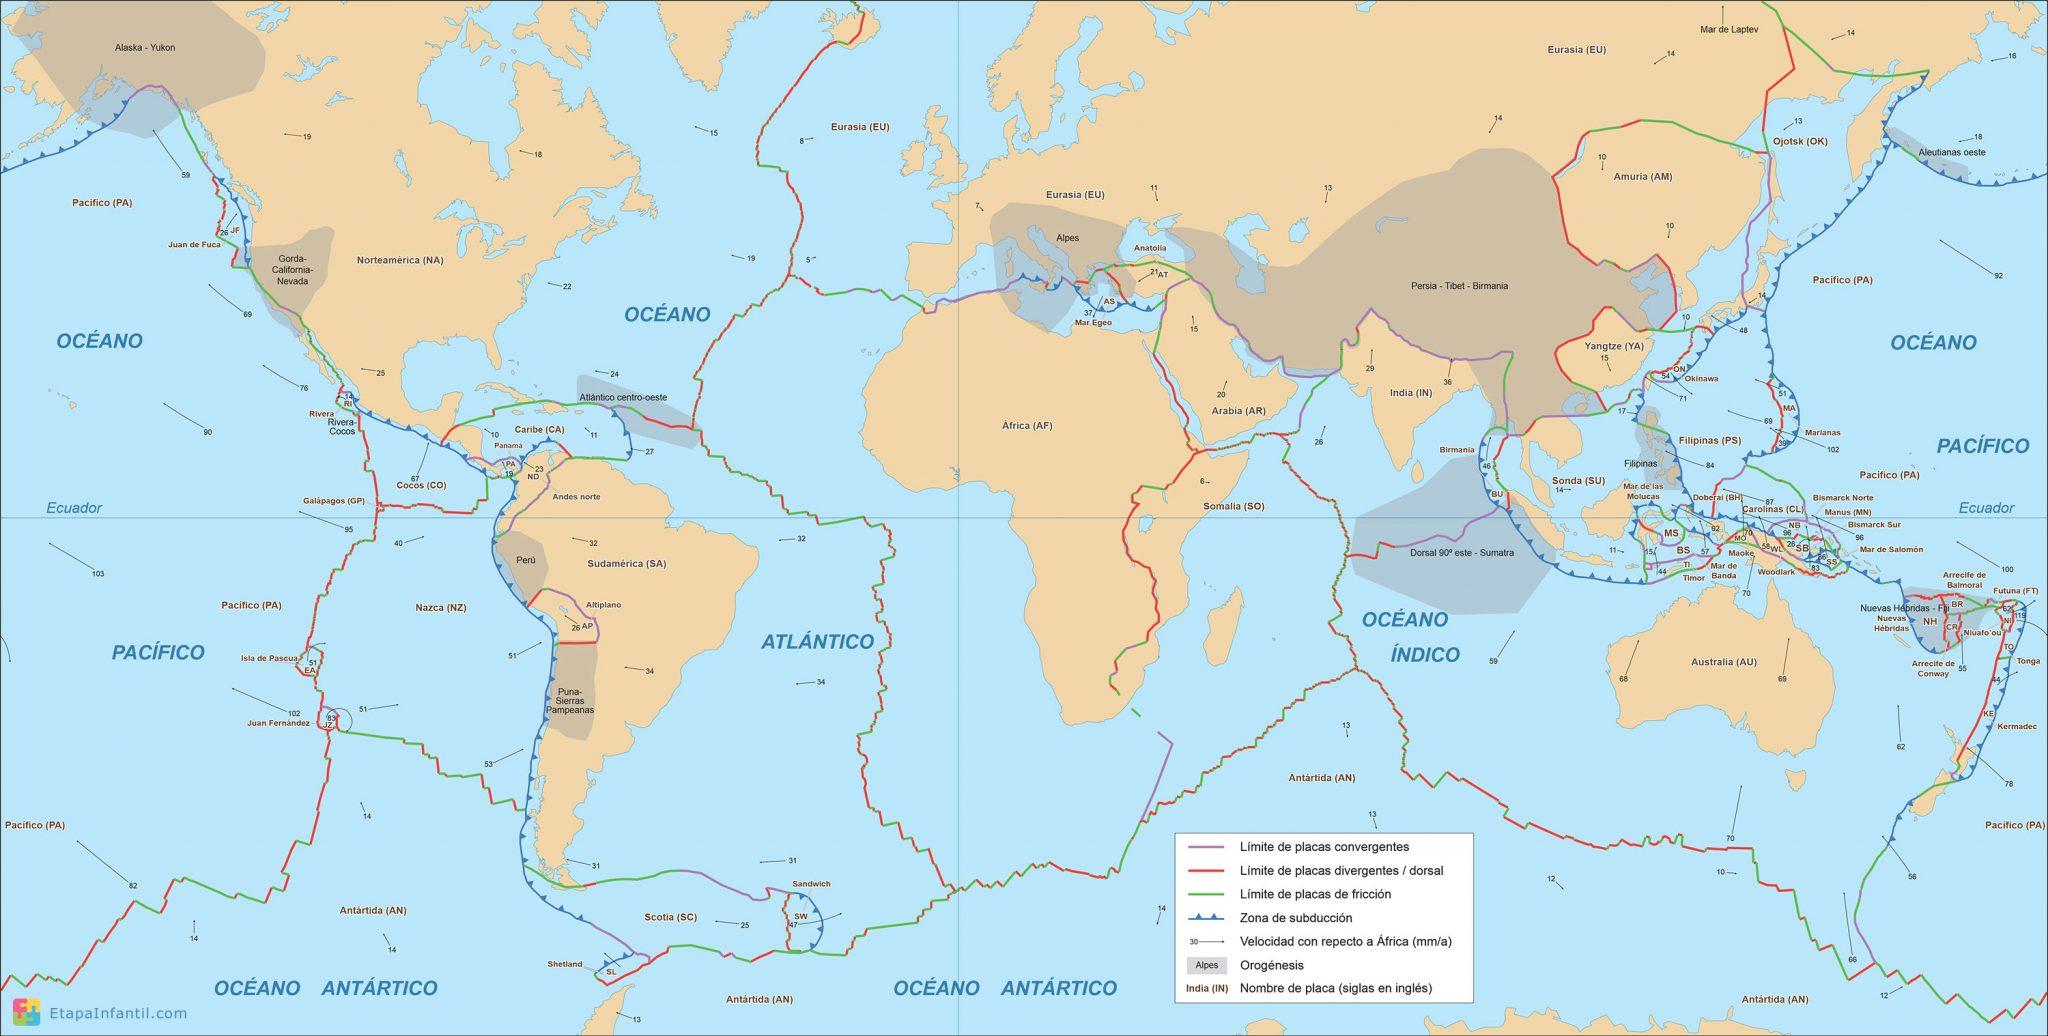 Mapa Múndi: físico, geológico, mundial, terrestre, topográfico e antigo.